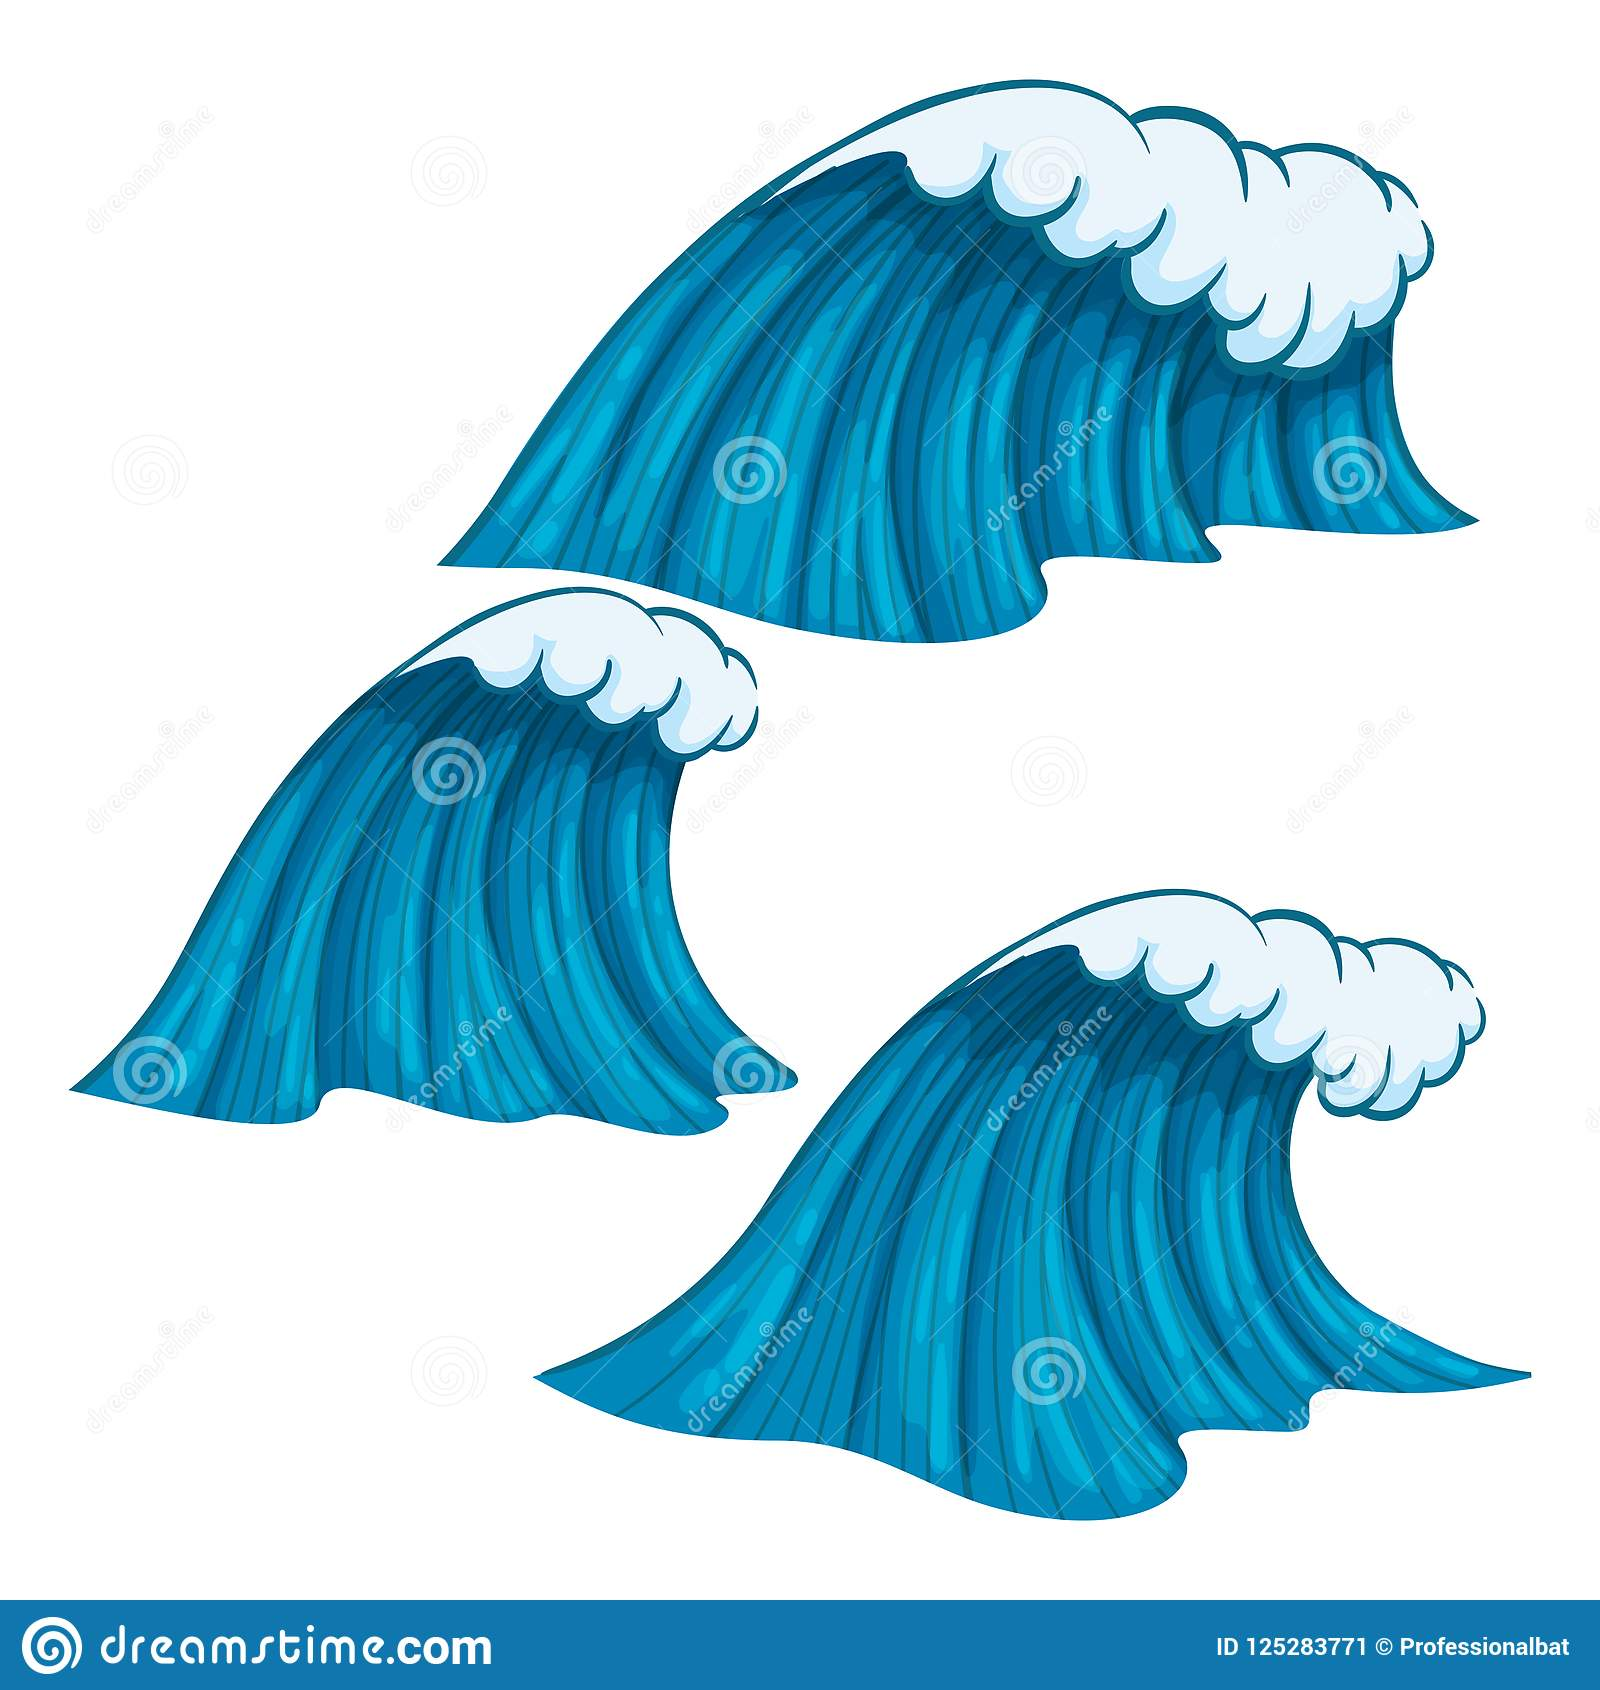 Ευρέα και στενά ζωηρόχρωμα κύματα με την περίληψη που απομονώνεται στο άσπρο υπόβαθρο